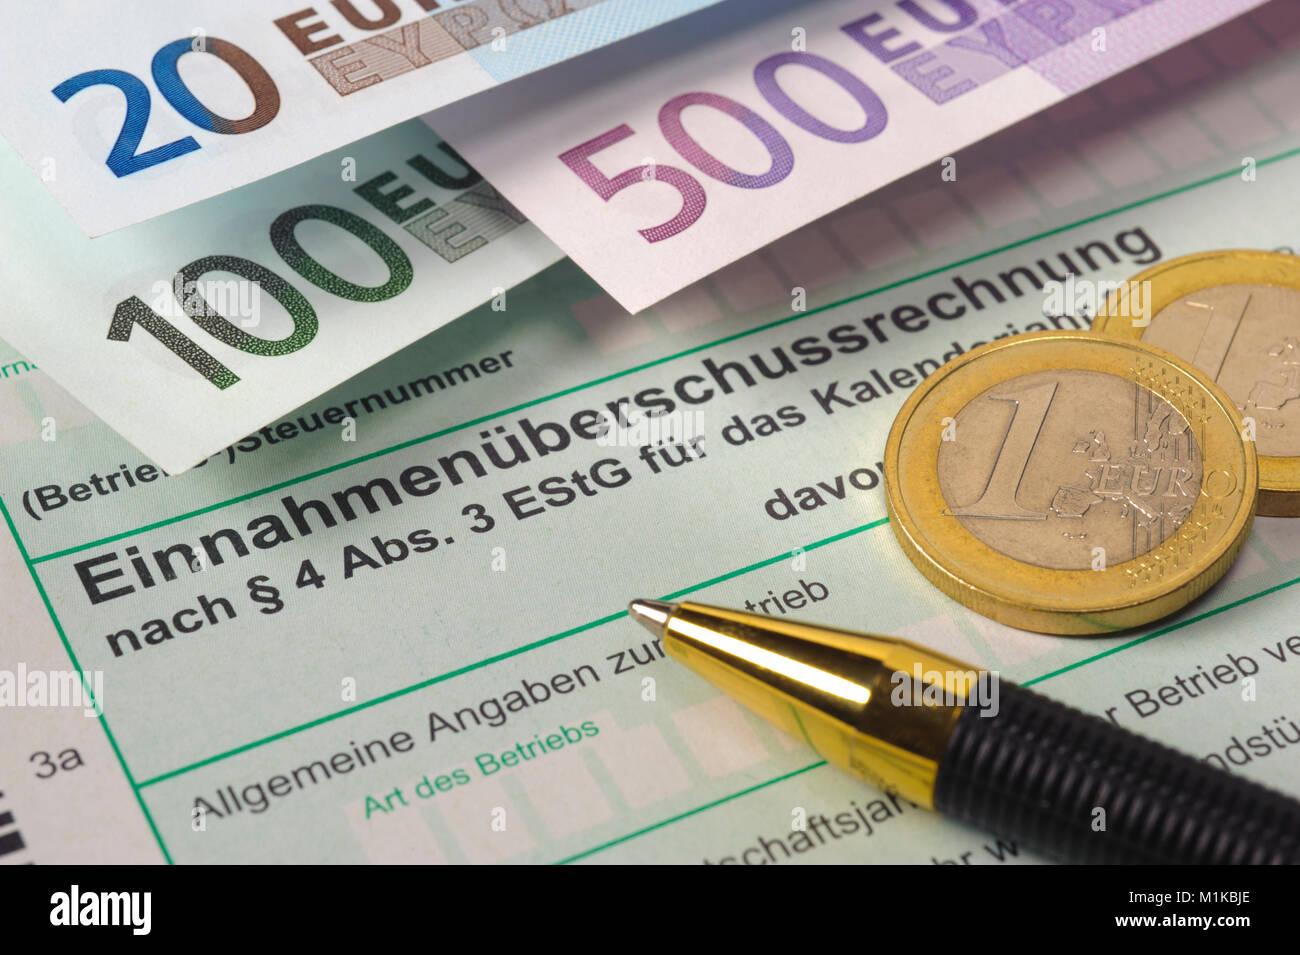 Steuererklärungfür Finanzamt mit Formular Stockbild